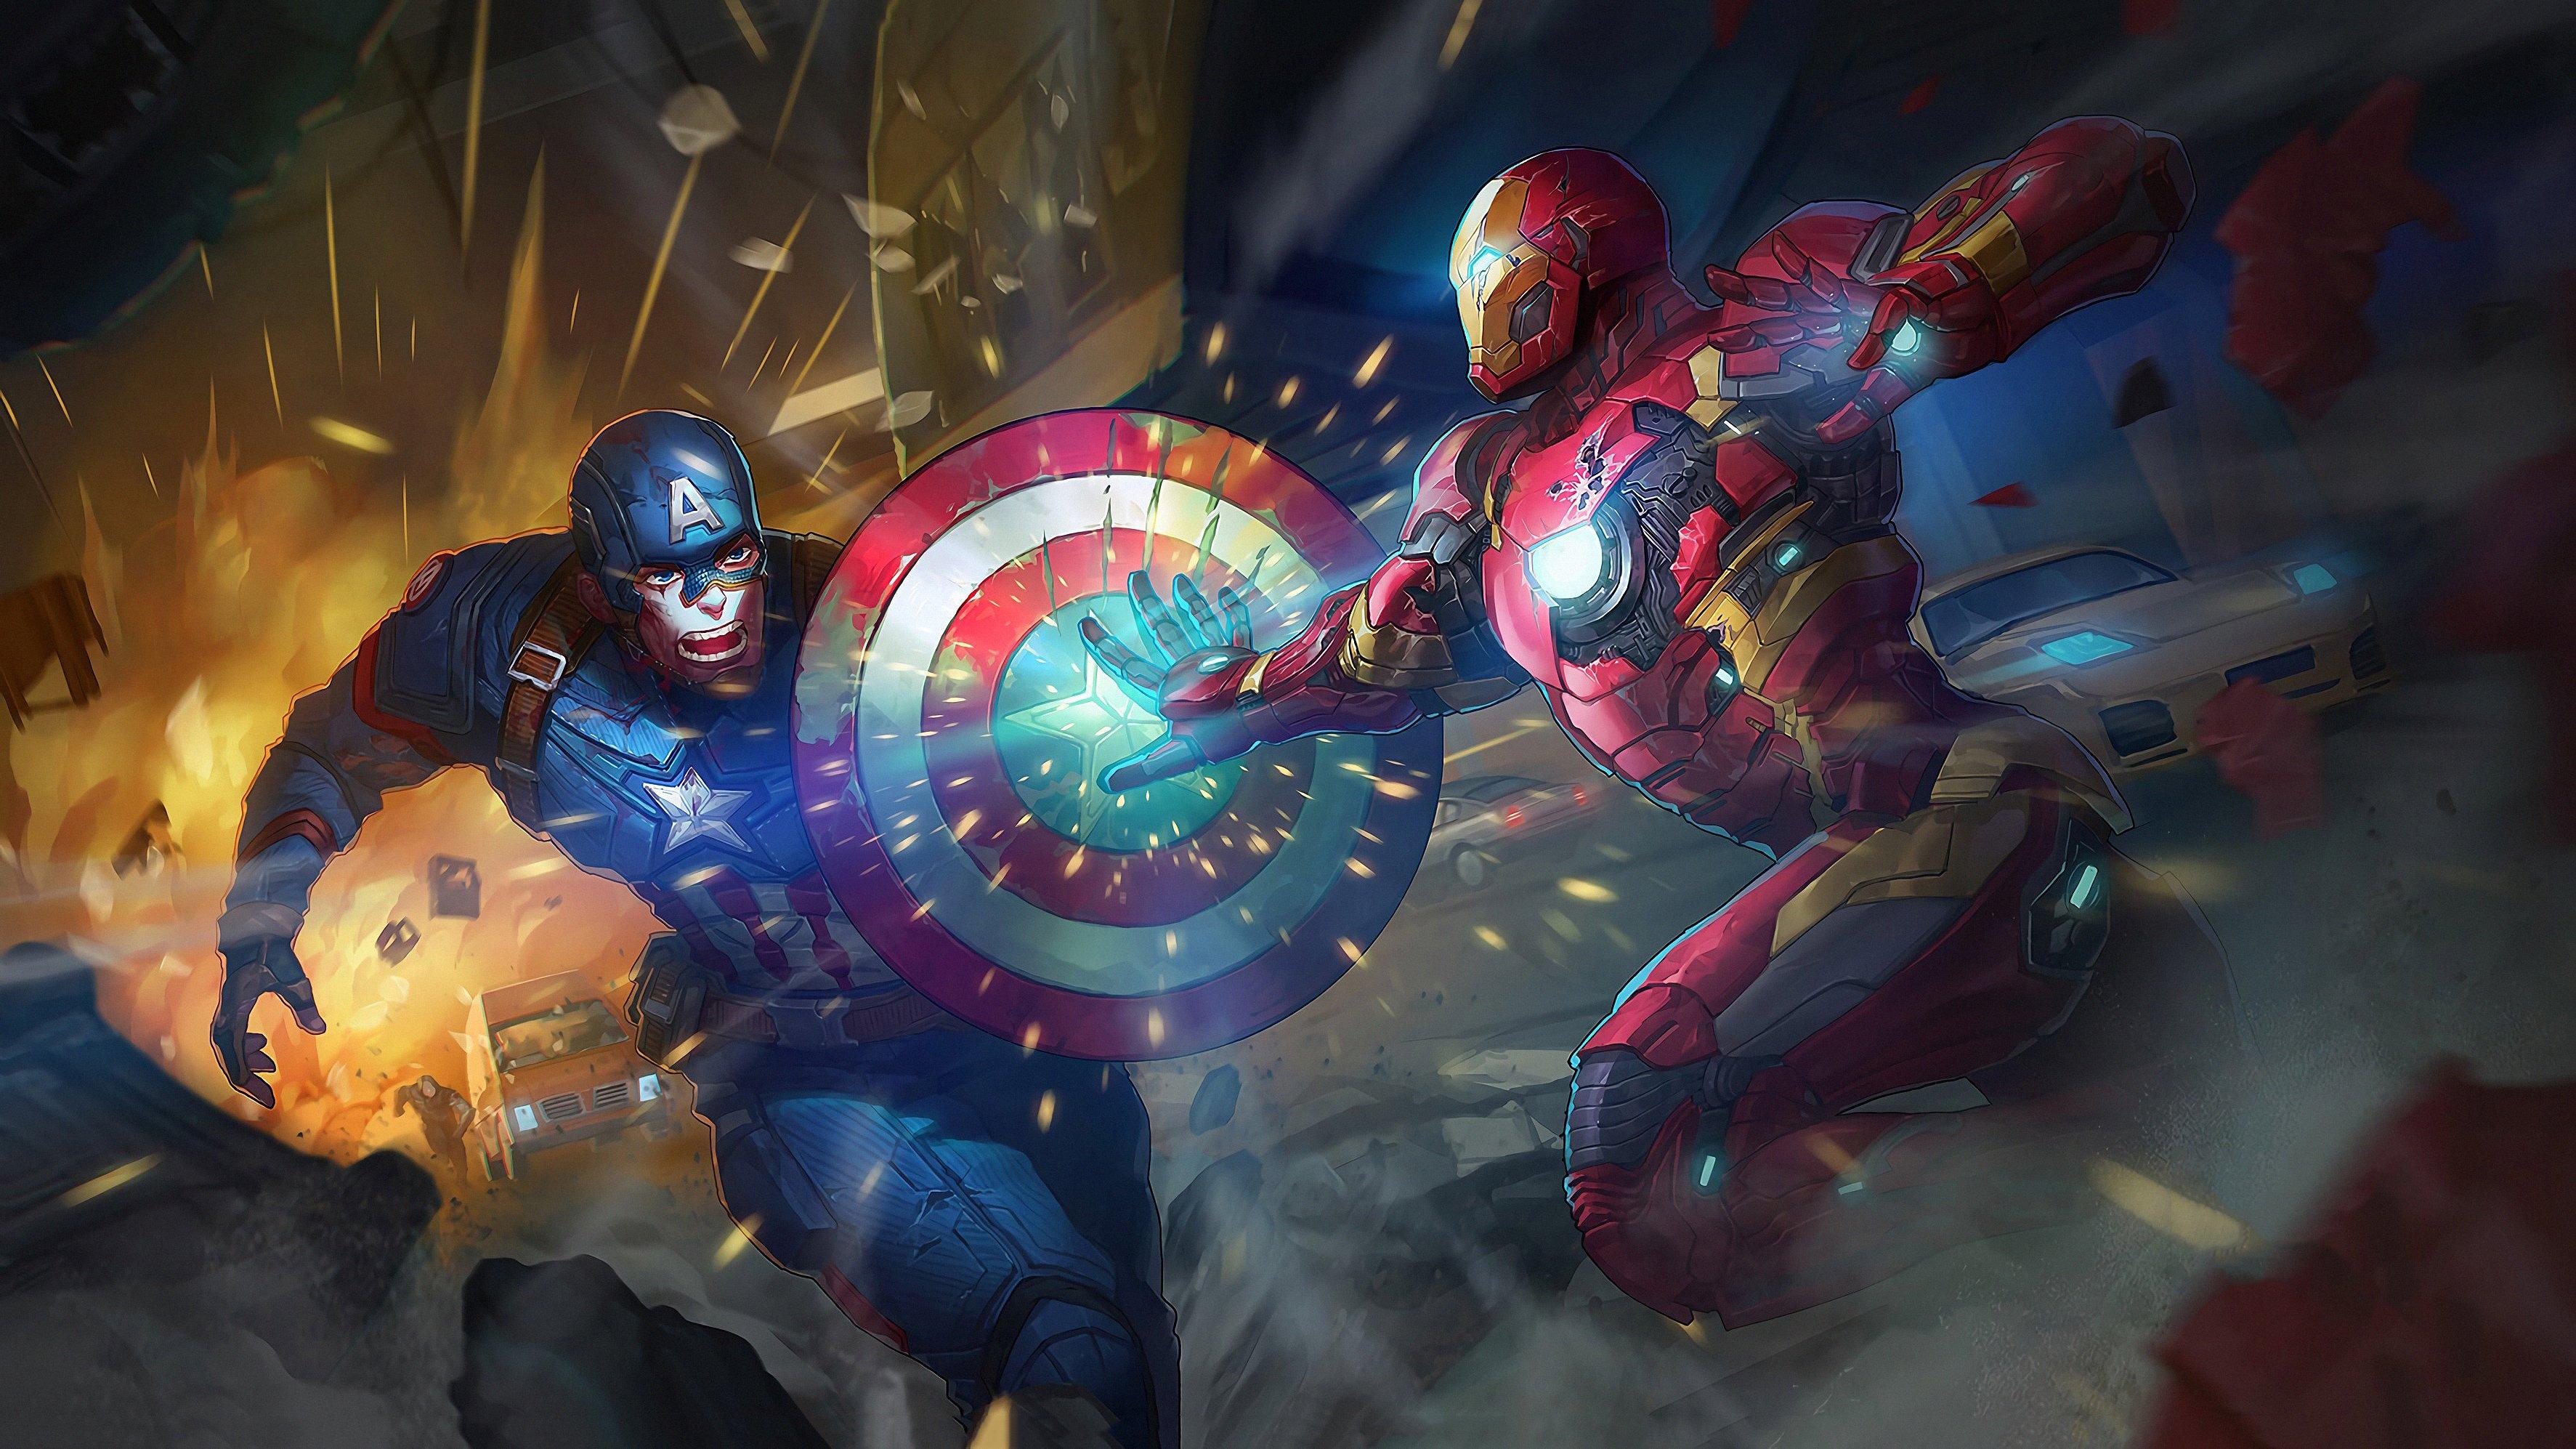 Fondos de pantalla Capitan America contra Iron Man